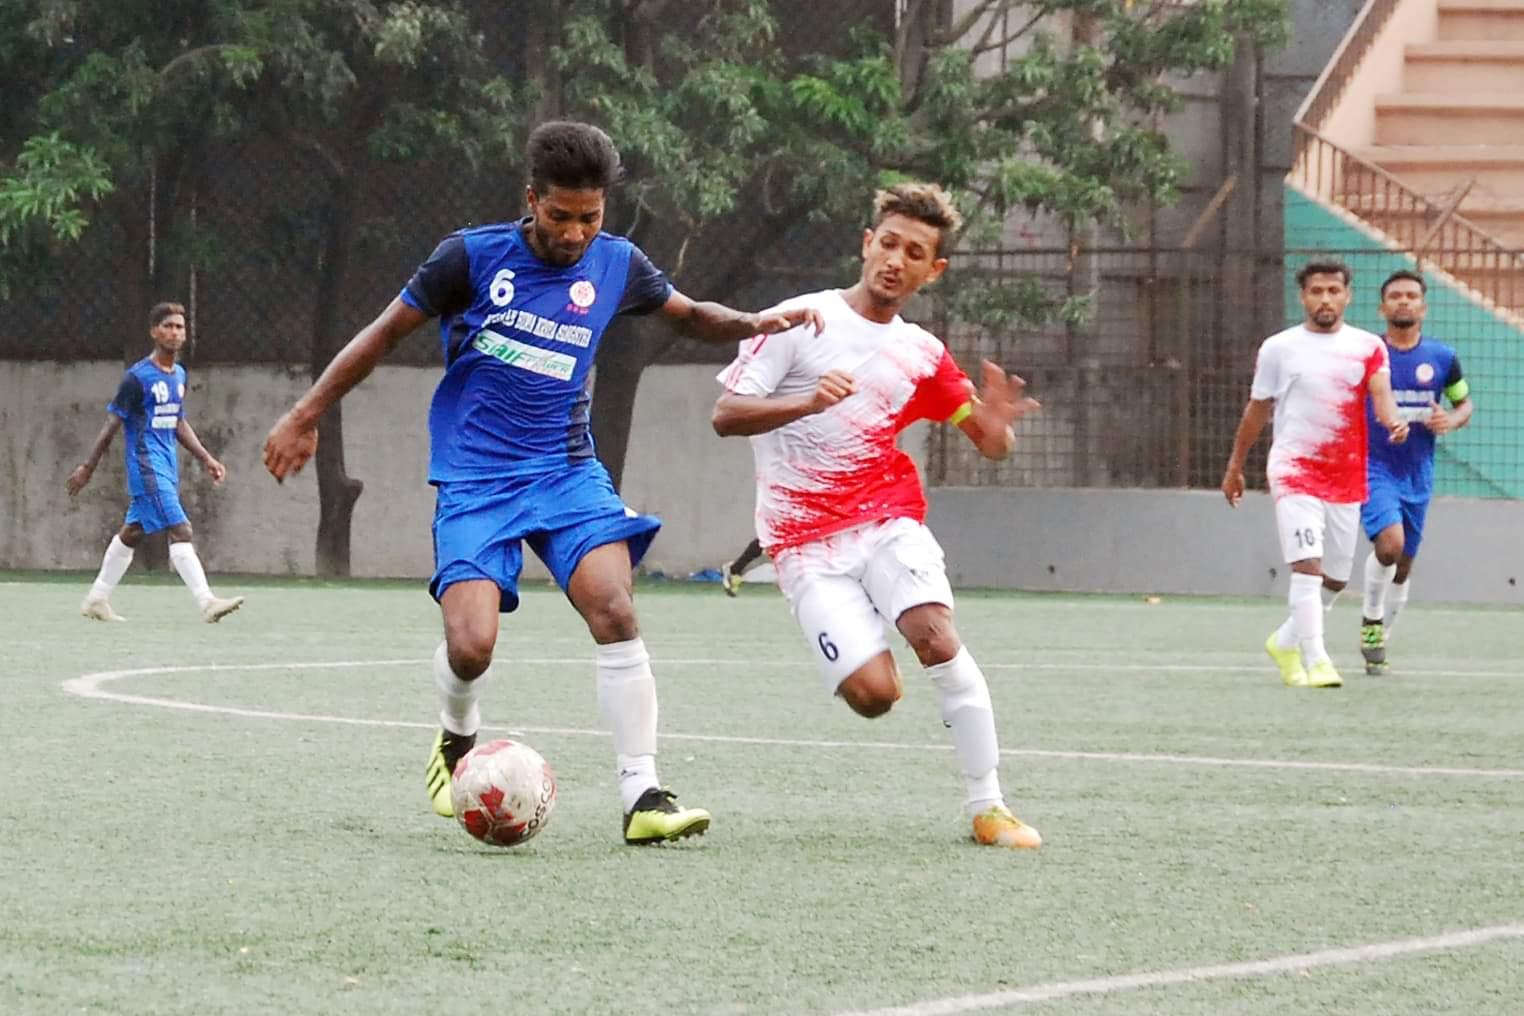 ফুটবল খেলা নিয়েই ভালো আছি গাইবান্ধা মহিমাগঞ্জের -জিয়ন